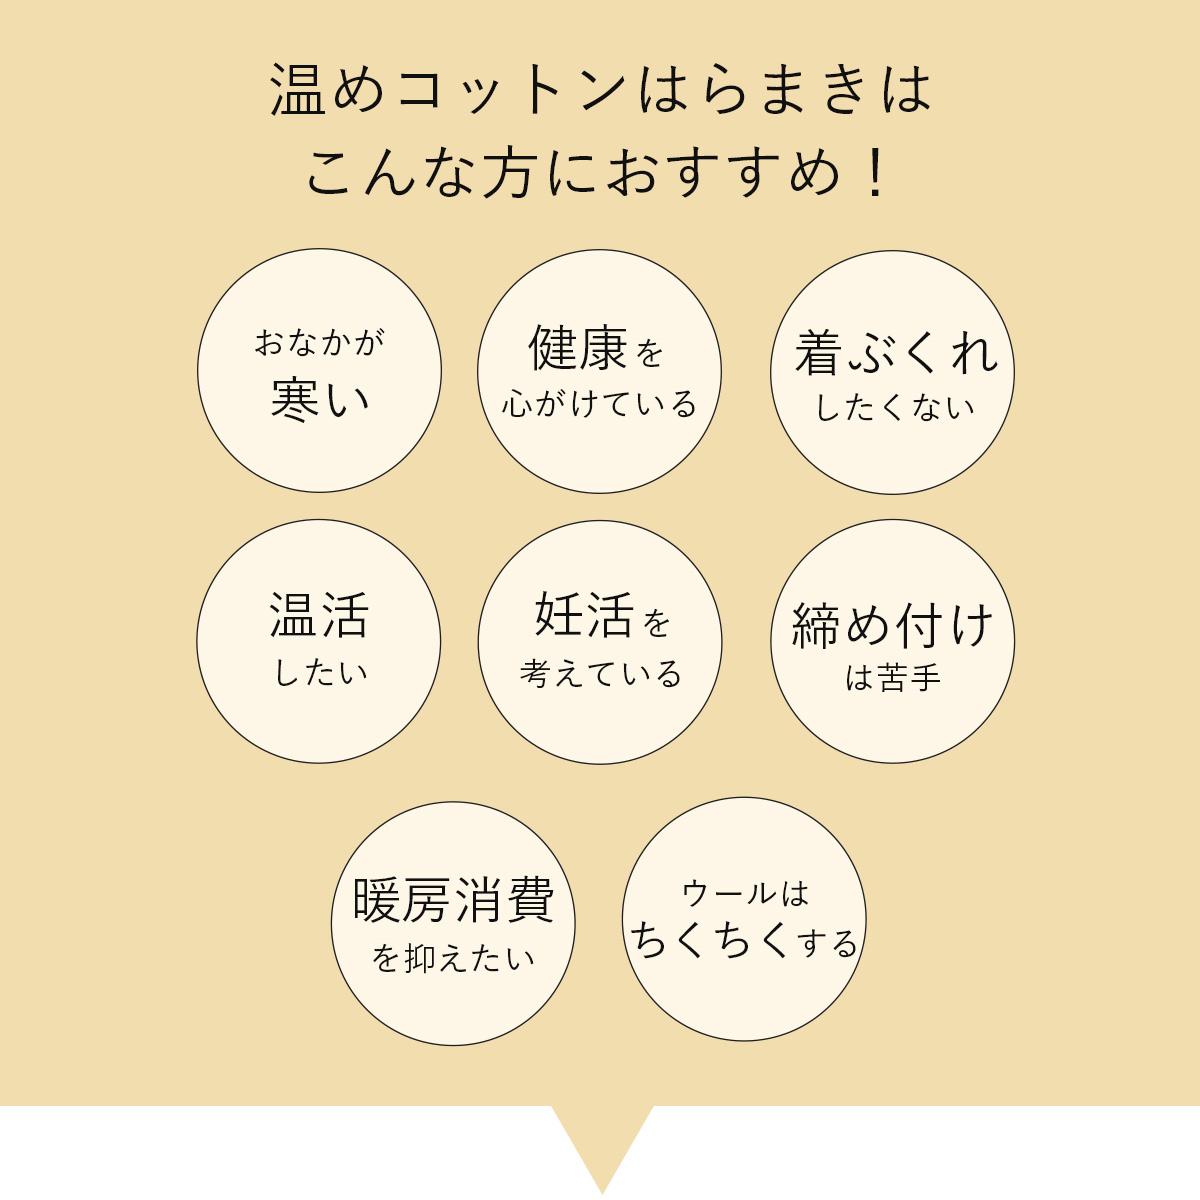 【オンラボ】 温めコットンはらまき | #ONLABO #腹巻き #日本製 #遠赤外線 #ホールガーメント #あったか #オーガニックコットン